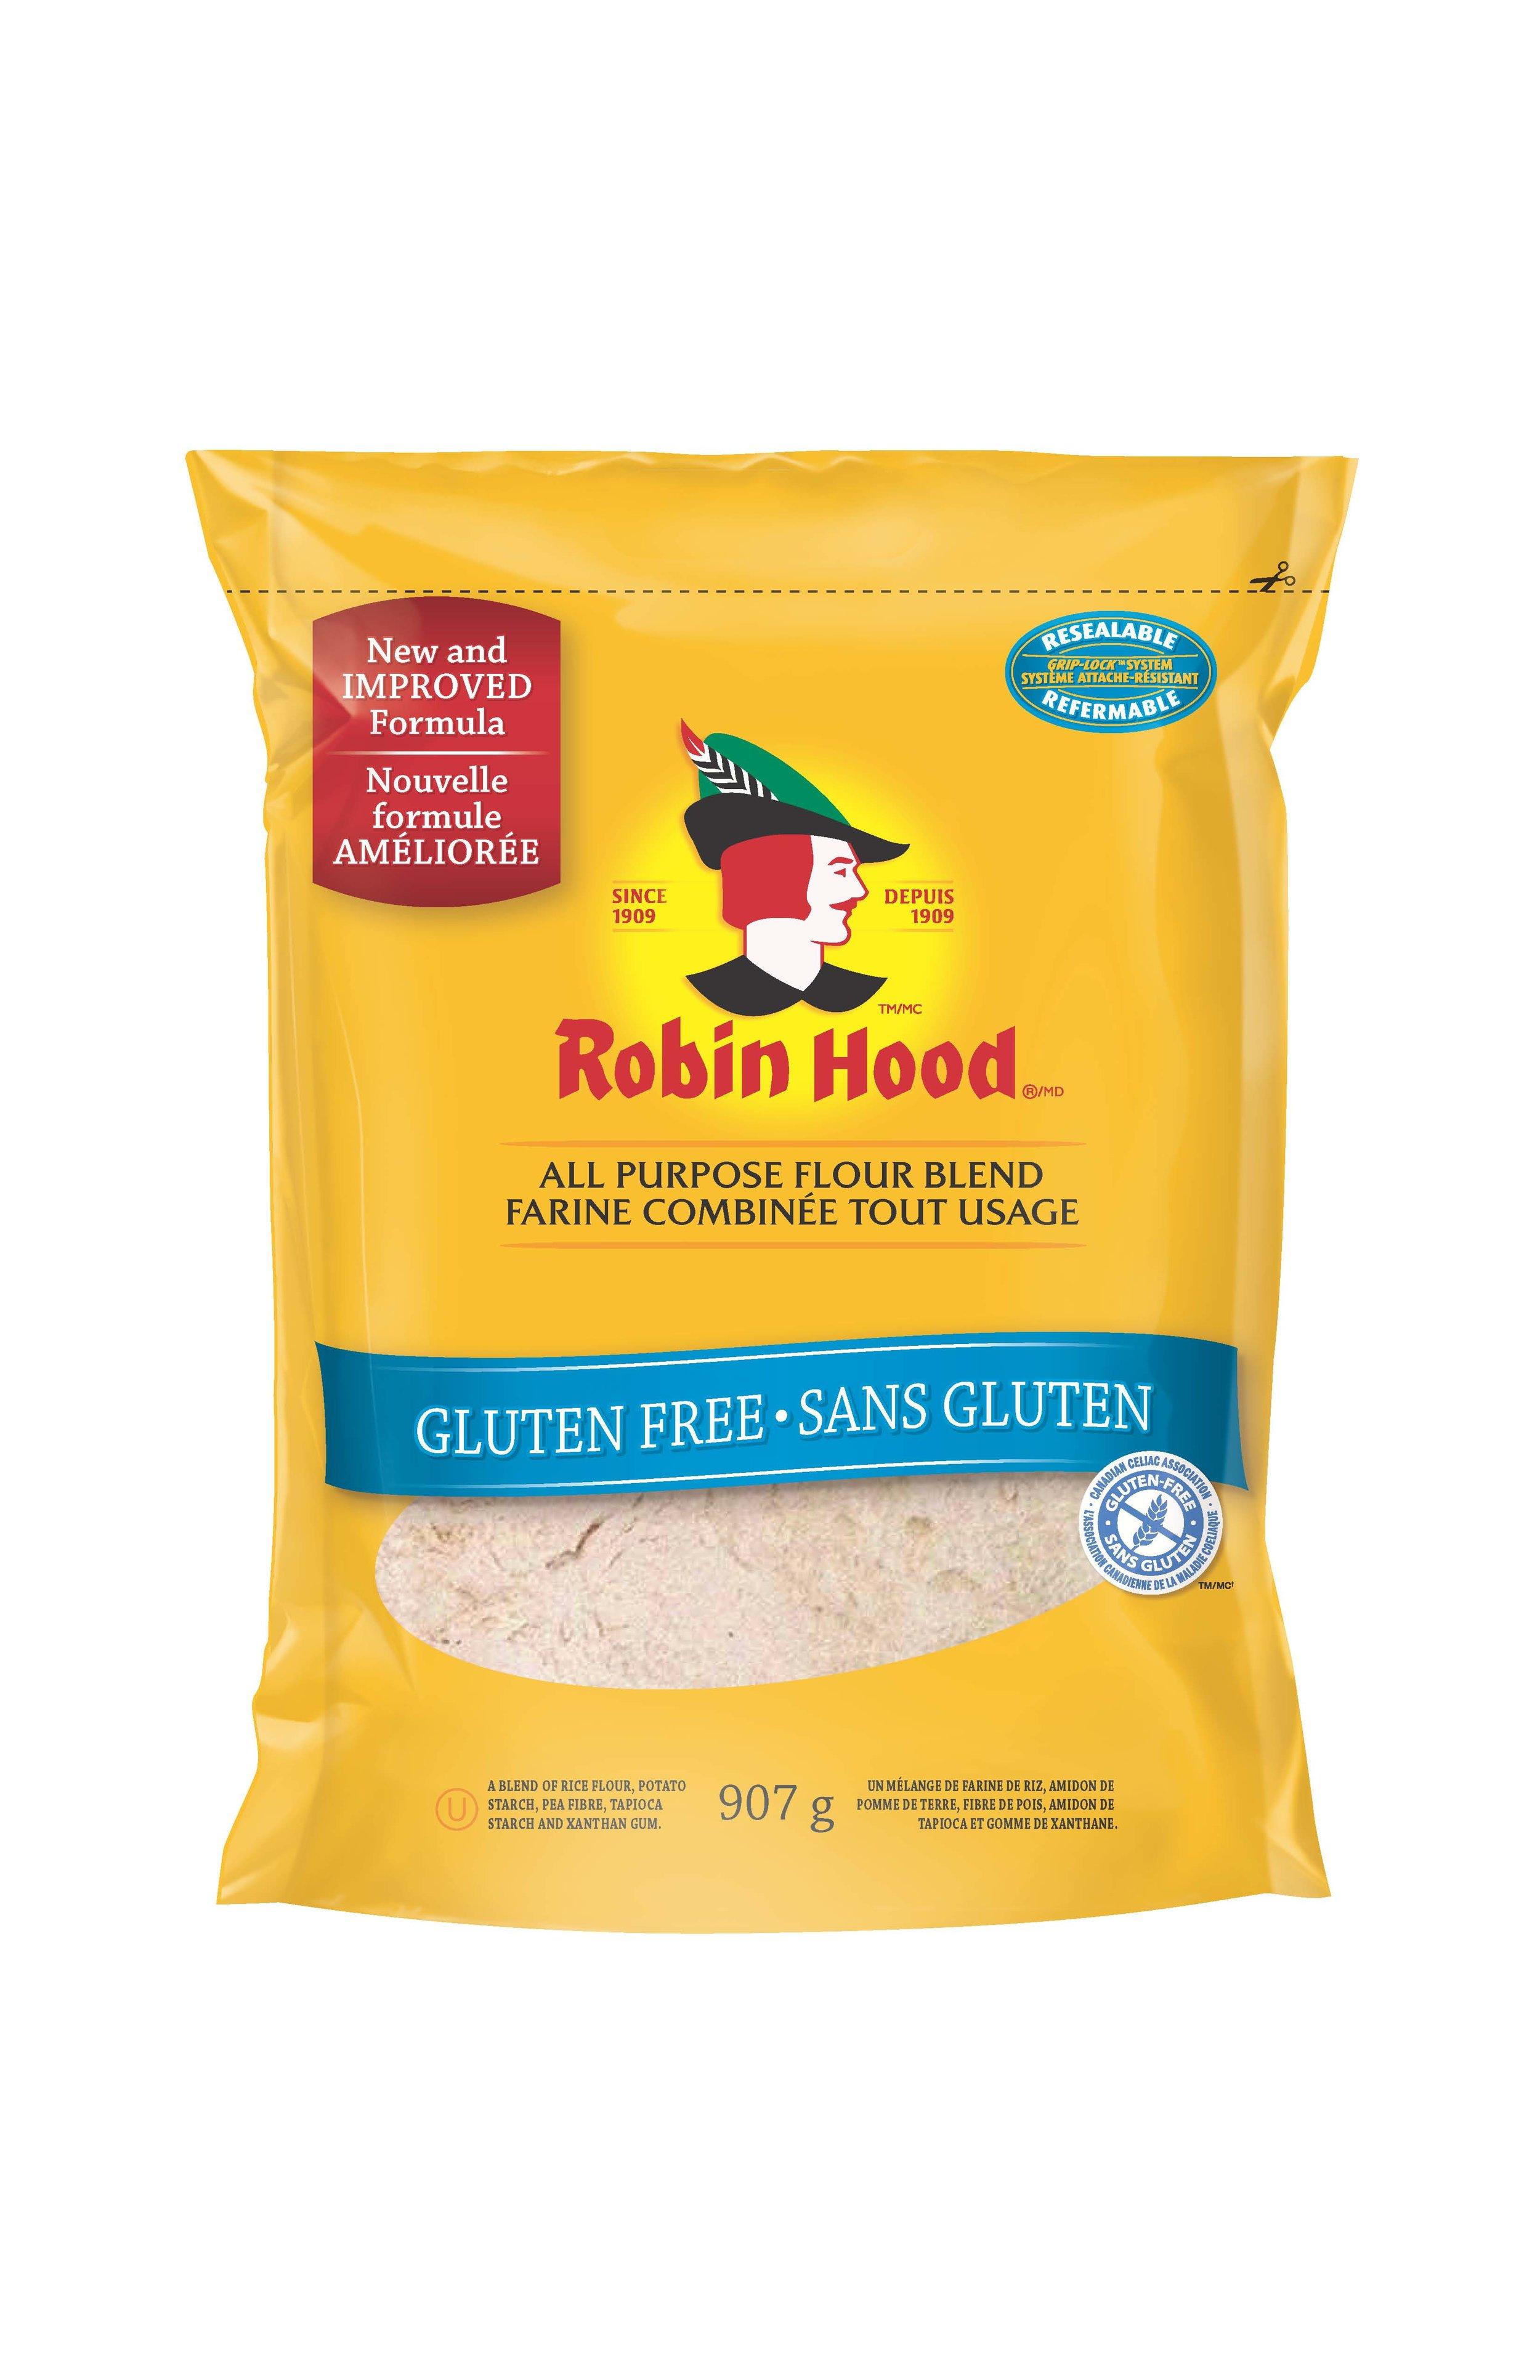 Robin Hood Gluten Free All Purpose Flour Blend